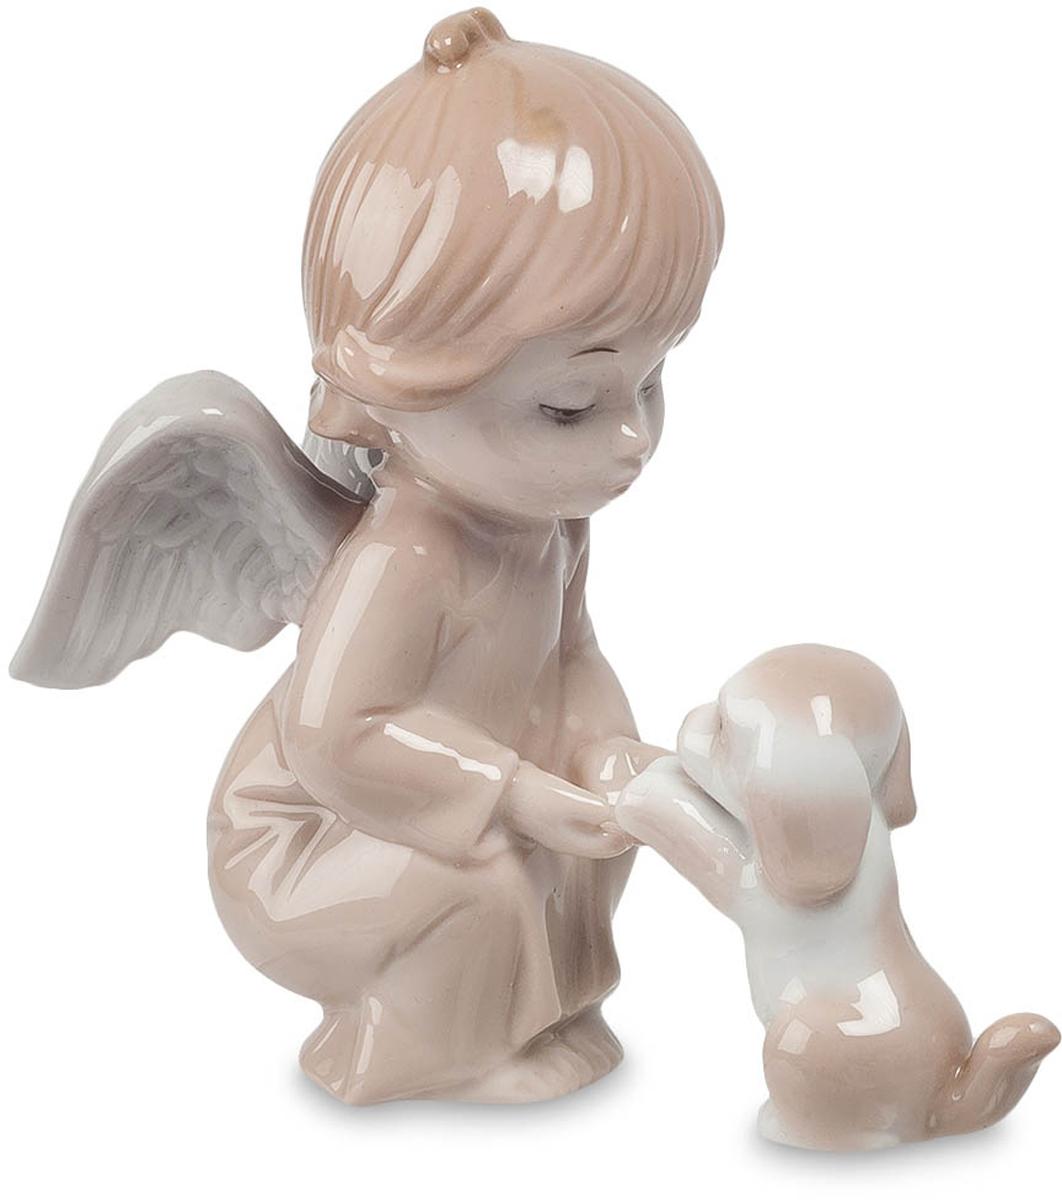 Фигурка Pavone Ангел. JP-05/10UP210DFФигурка Ангела высотой 10 см.Нова - покровительница животных. Она оберегает их и всячески им помогает.Самые святые существа – это маленькие ангелочки. Они чистые и телом и своей маленькой искренней душой. Эта статуэтка станет украшением любой коллекции и, несомненно, понравится, как детишкам, так и взрослым. Все настолько продумано в этой фигурке, что она поражает всеми своими особенностями. Ее наряд, хоть и простое, ровное одеяние, но делает образ ангелочка еще более искренним и милым. Основные цвета композиции – коричневые, но это придает какую-то особую атмосферу и прелесть статуэтке. Маленькая собачка, которая ластится к ангелу, дополняет образ нежного, доброго маленького существа.